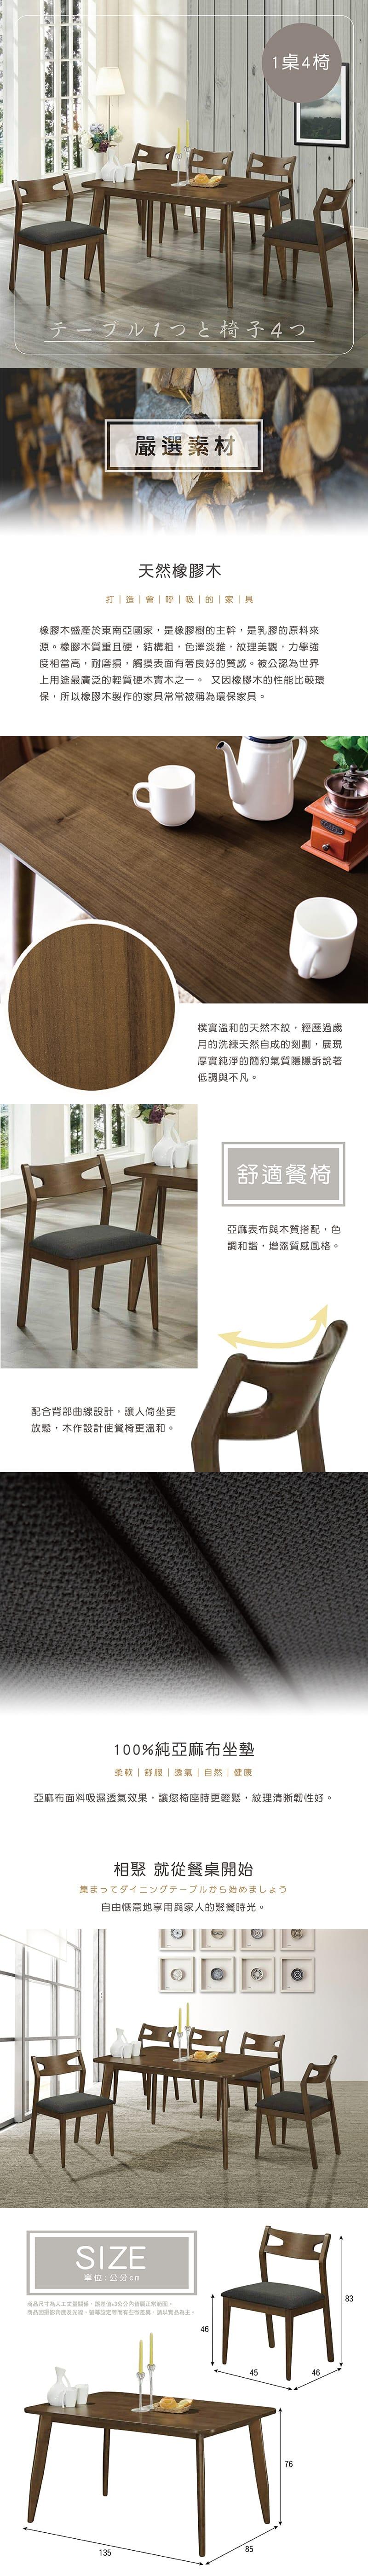 伯頓 實木餐桌椅 寬135cm(一桌四椅)